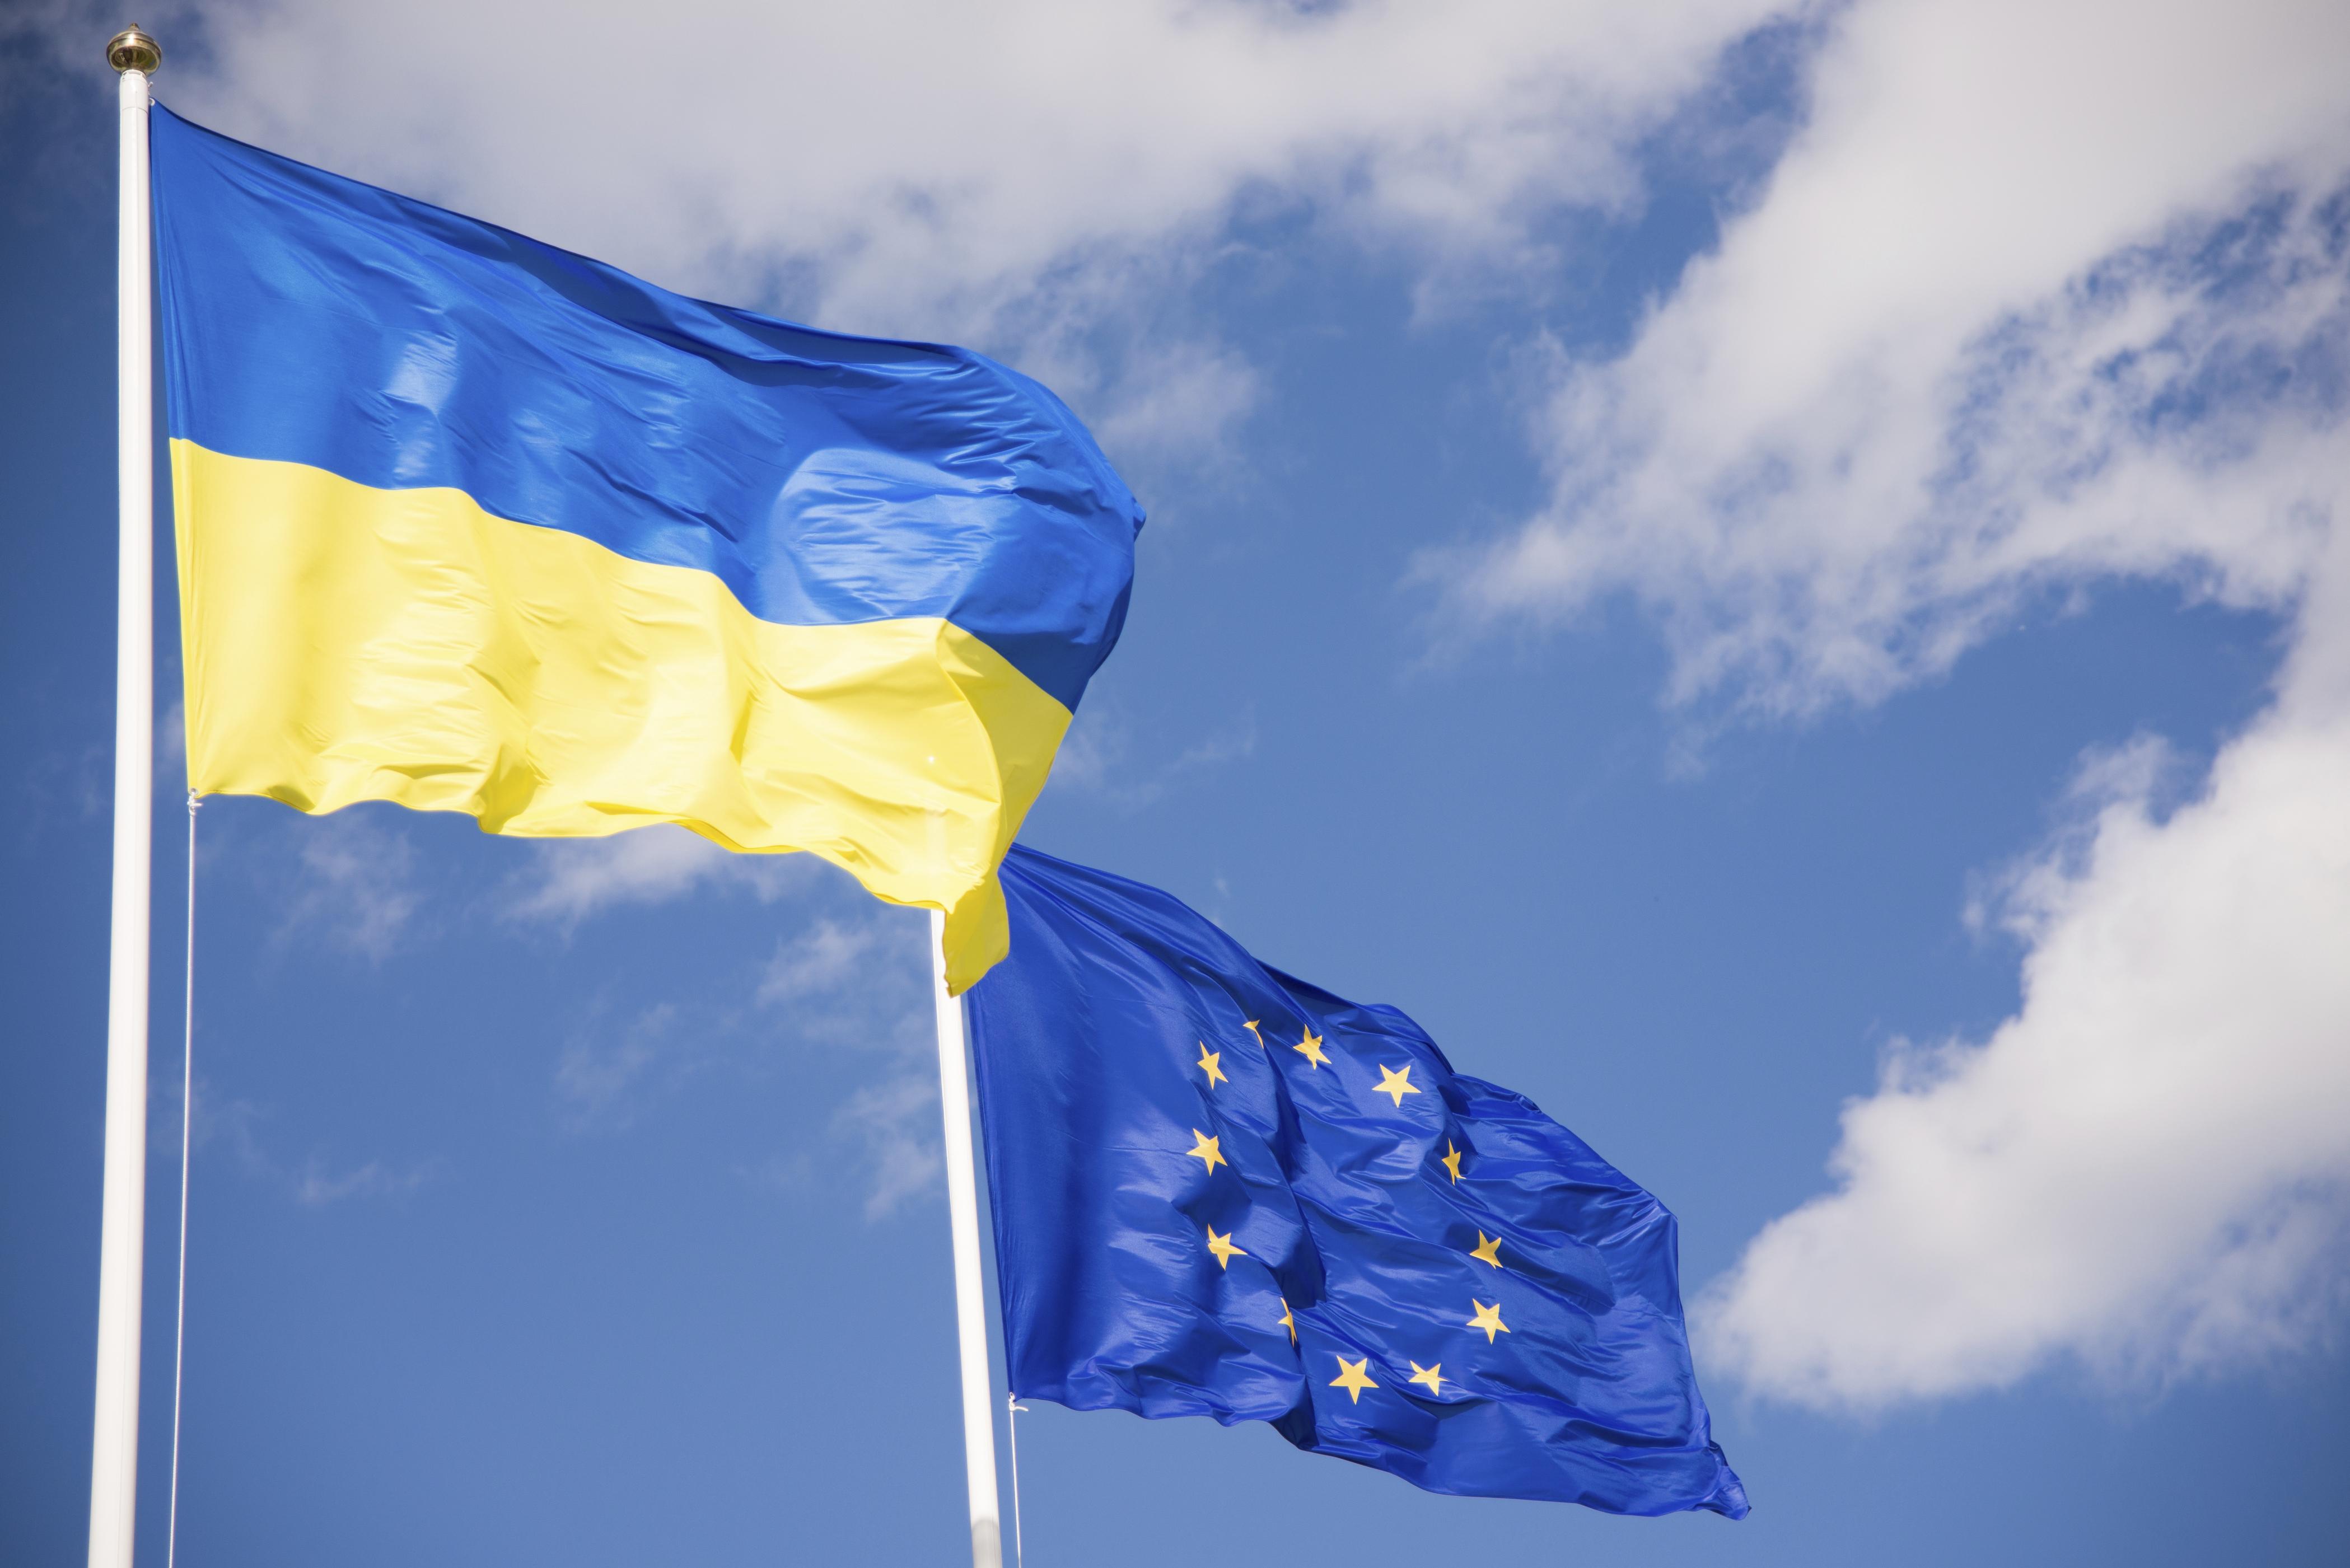 UE-un-nou-ajutor-financiar-pentru-Ucraina